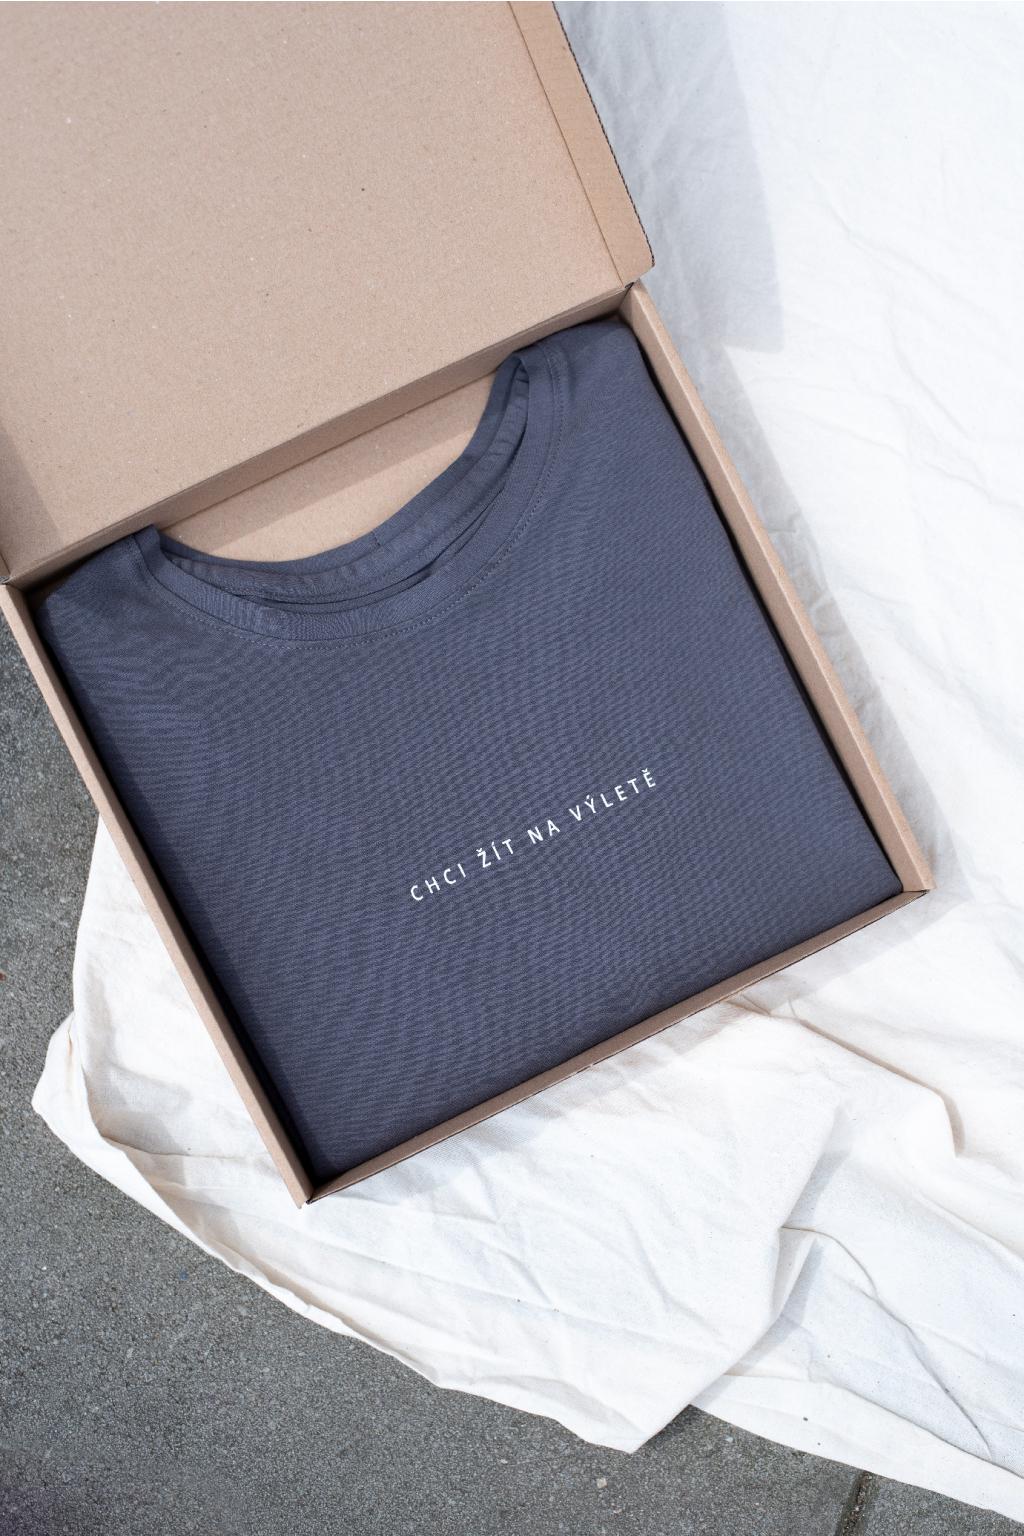 KOUSEK krátké tričko biobavlna Chci žít na výletě